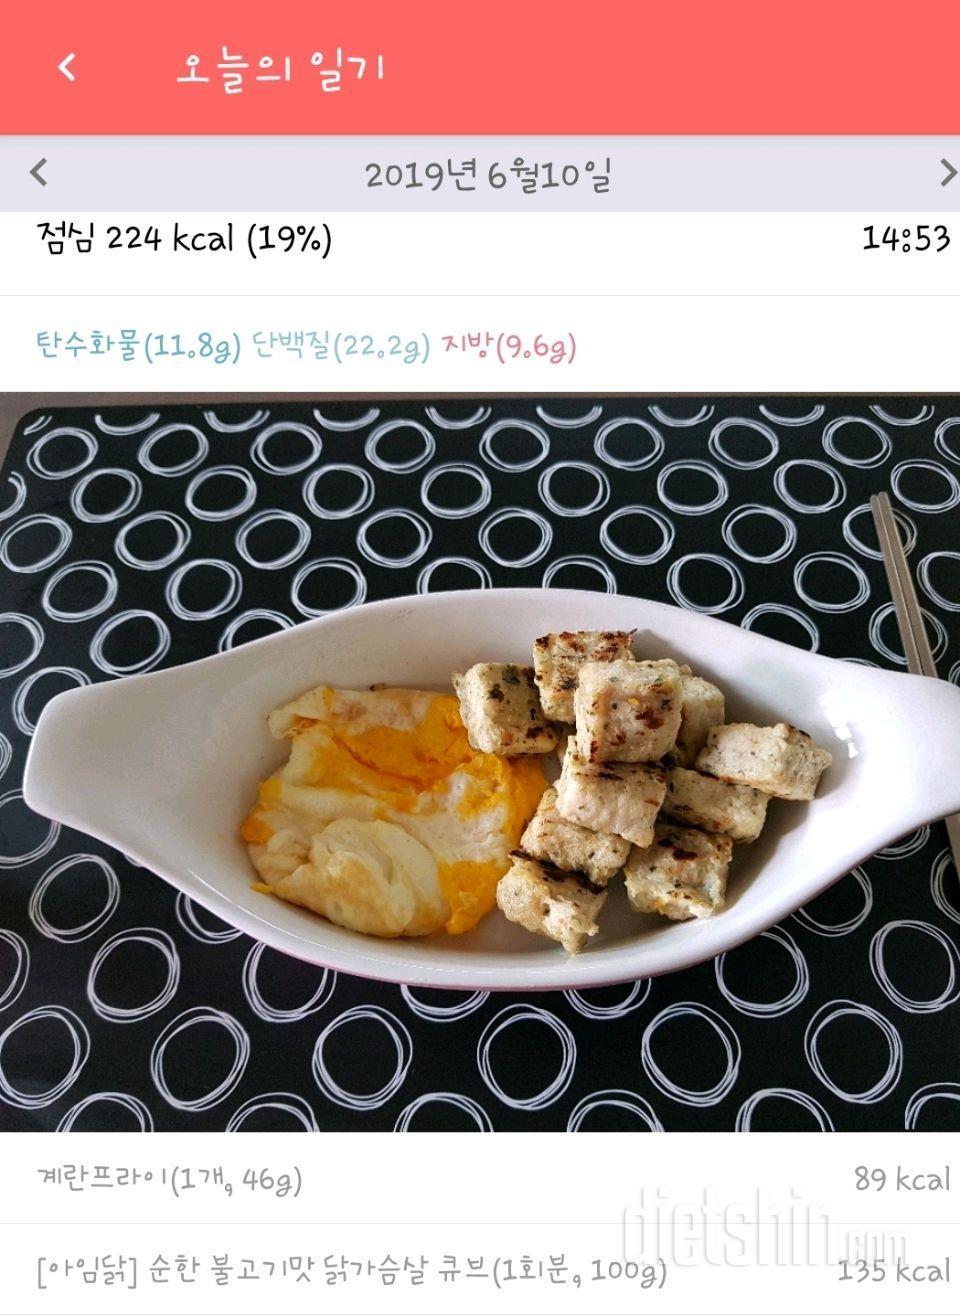 [다신 14기 식단미션]1일차